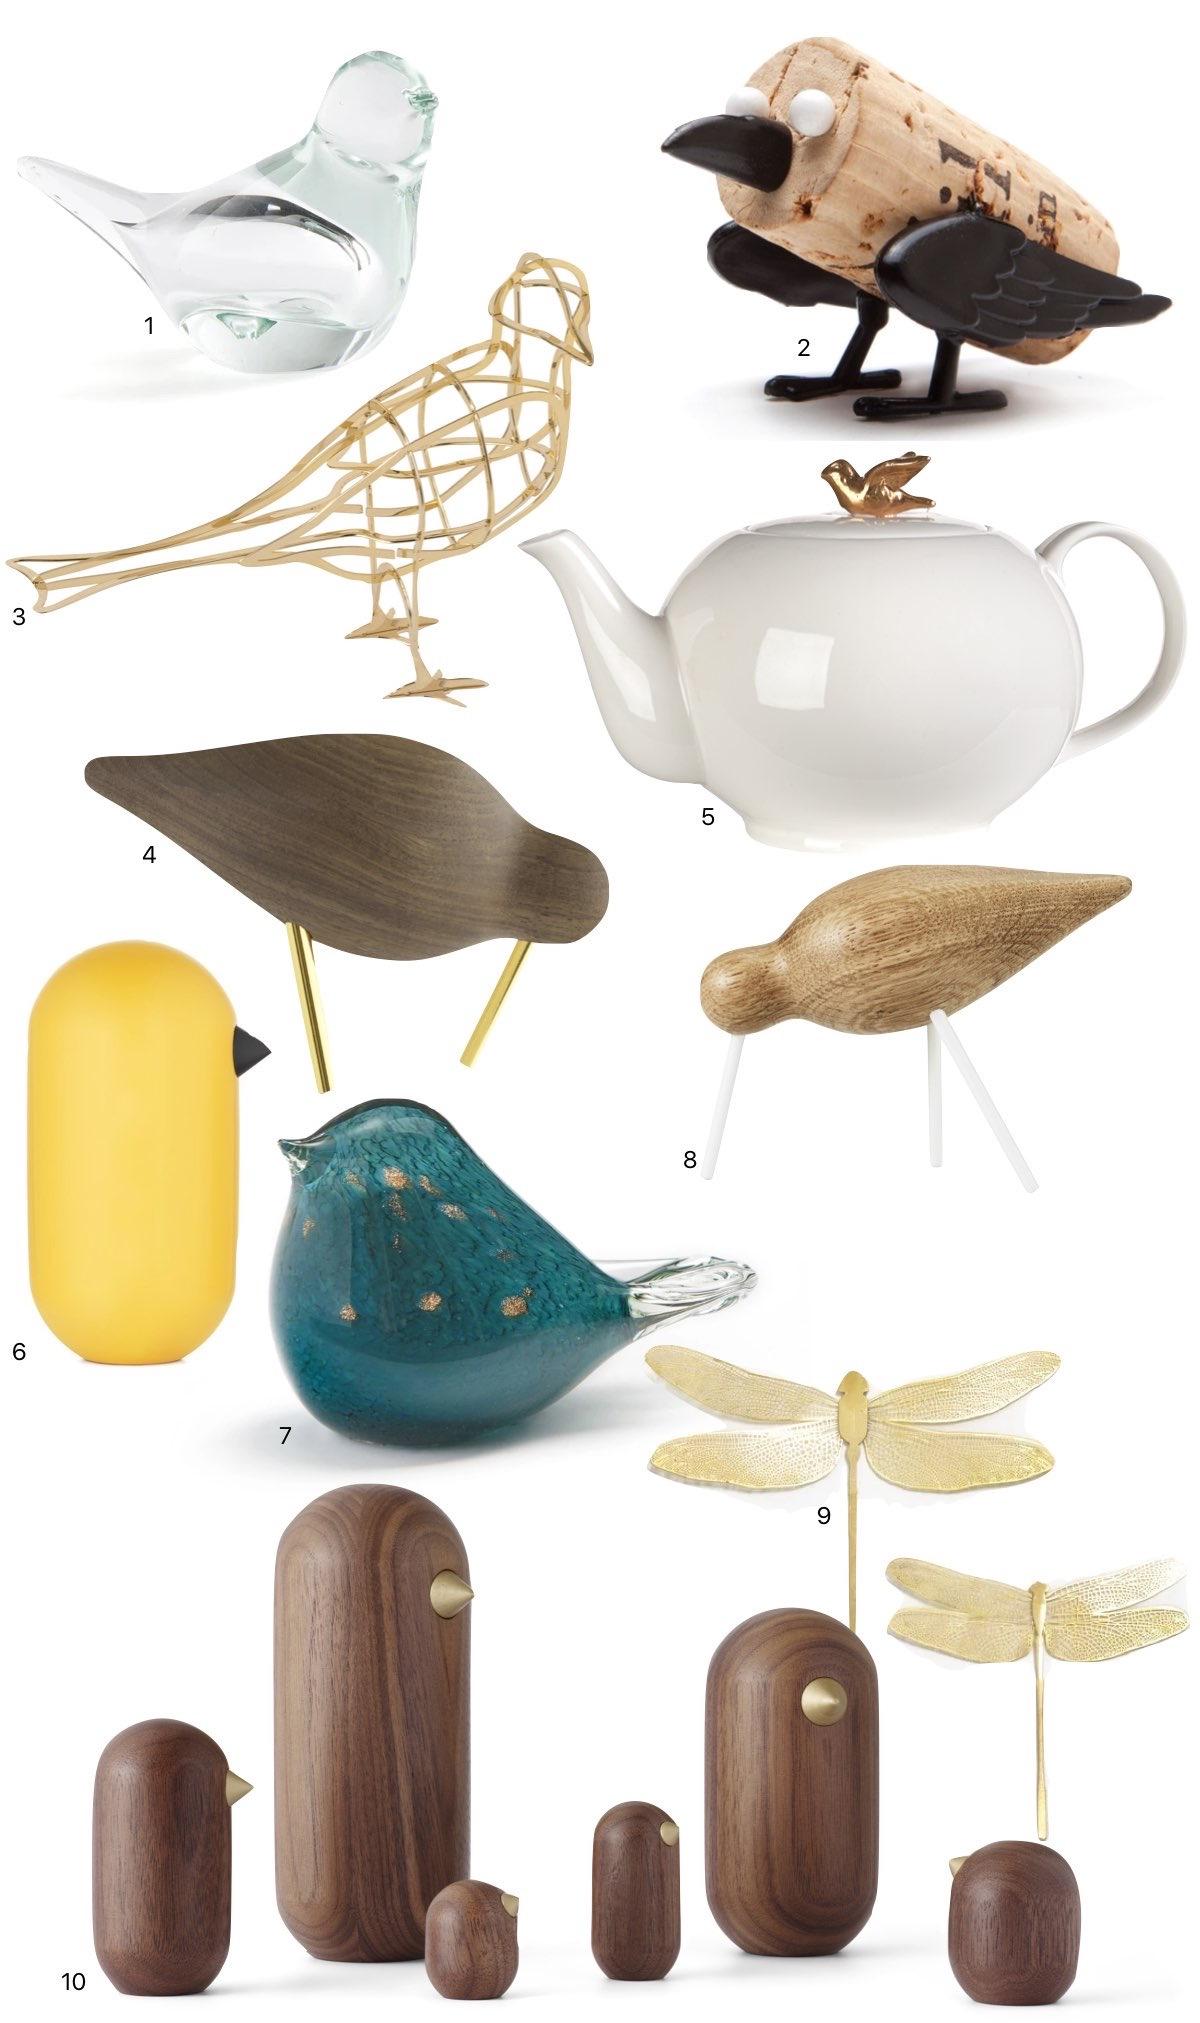 déco oiseau objet collection design bois laiton libellule scandinave